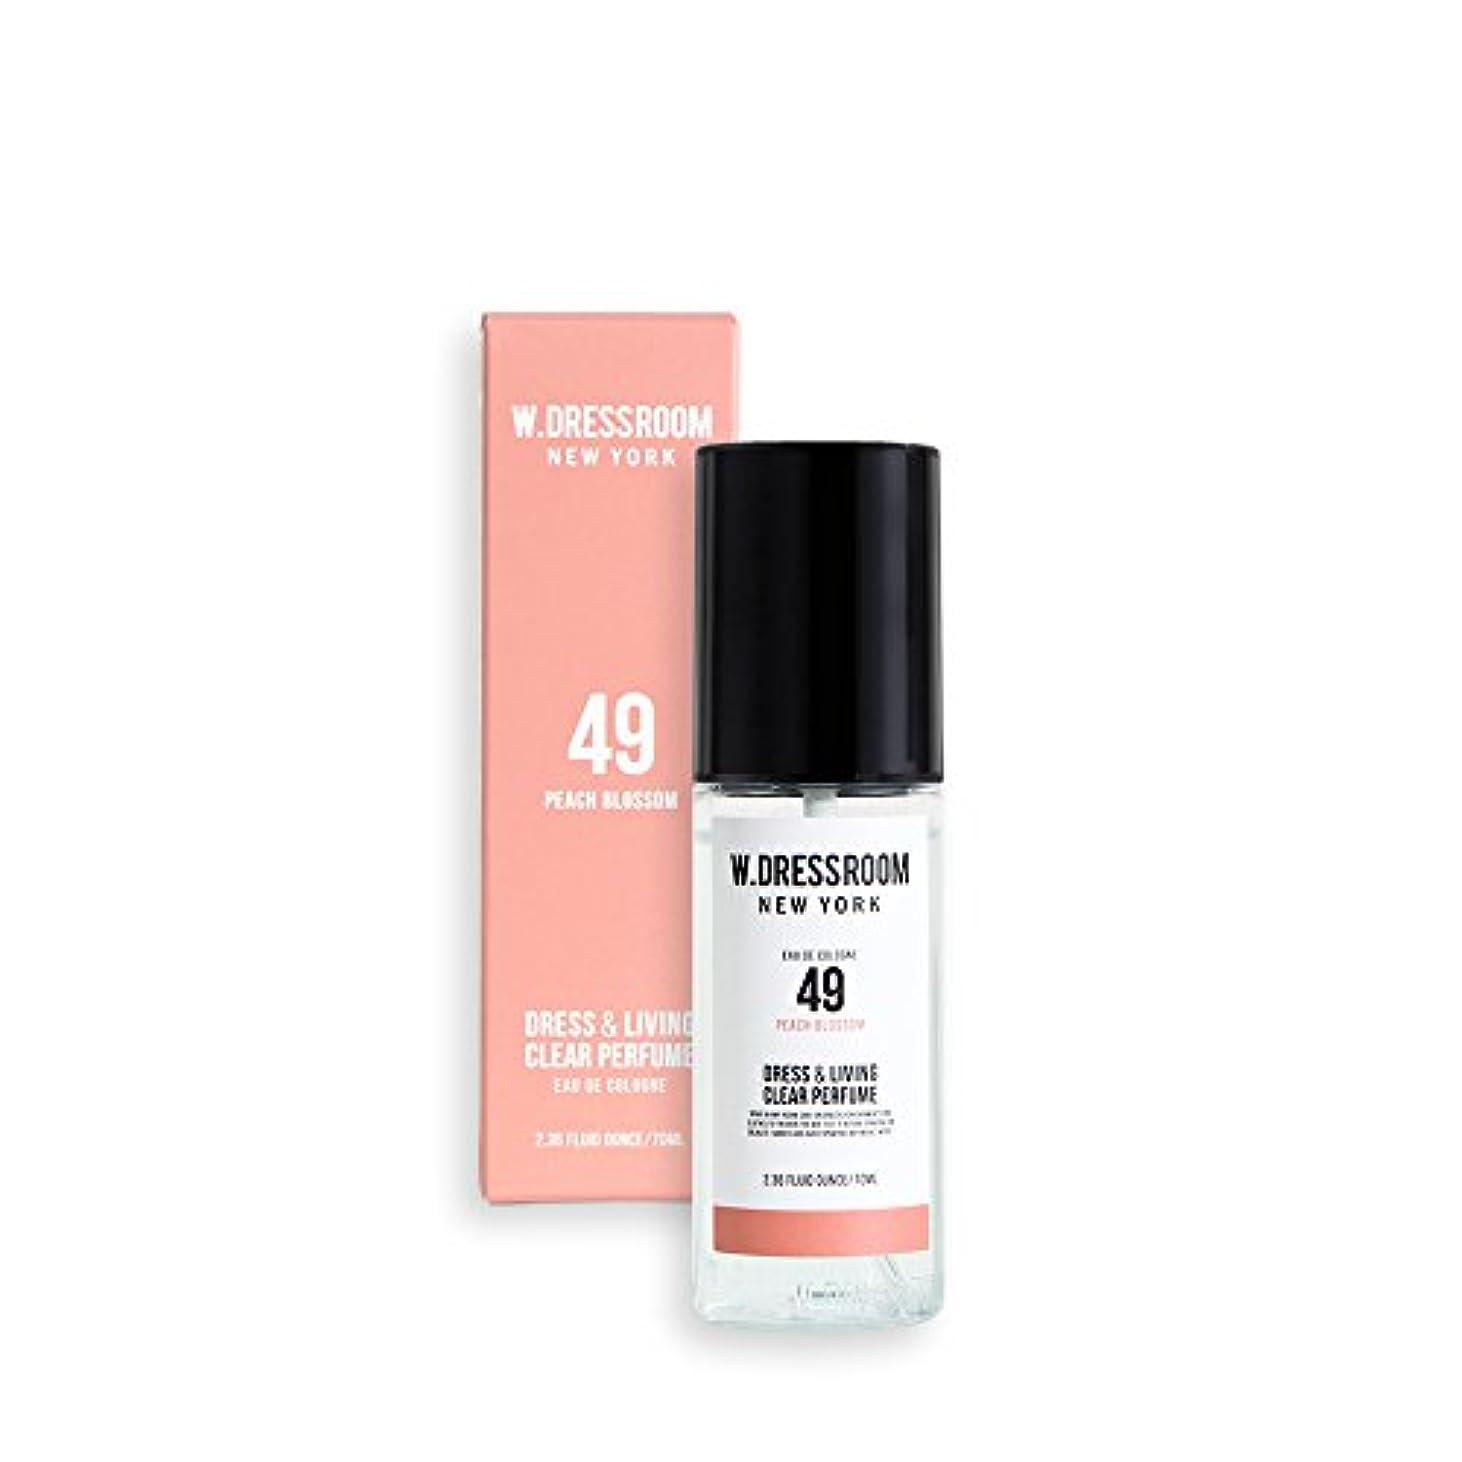 彼はすすり泣き北東W.DRESSROOM Dress & Living Clear Perfume 70ml/ダブルドレスルーム ドレス&リビング クリア パフューム 70ml (#No.49 Peach Blossom) [並行輸入品]